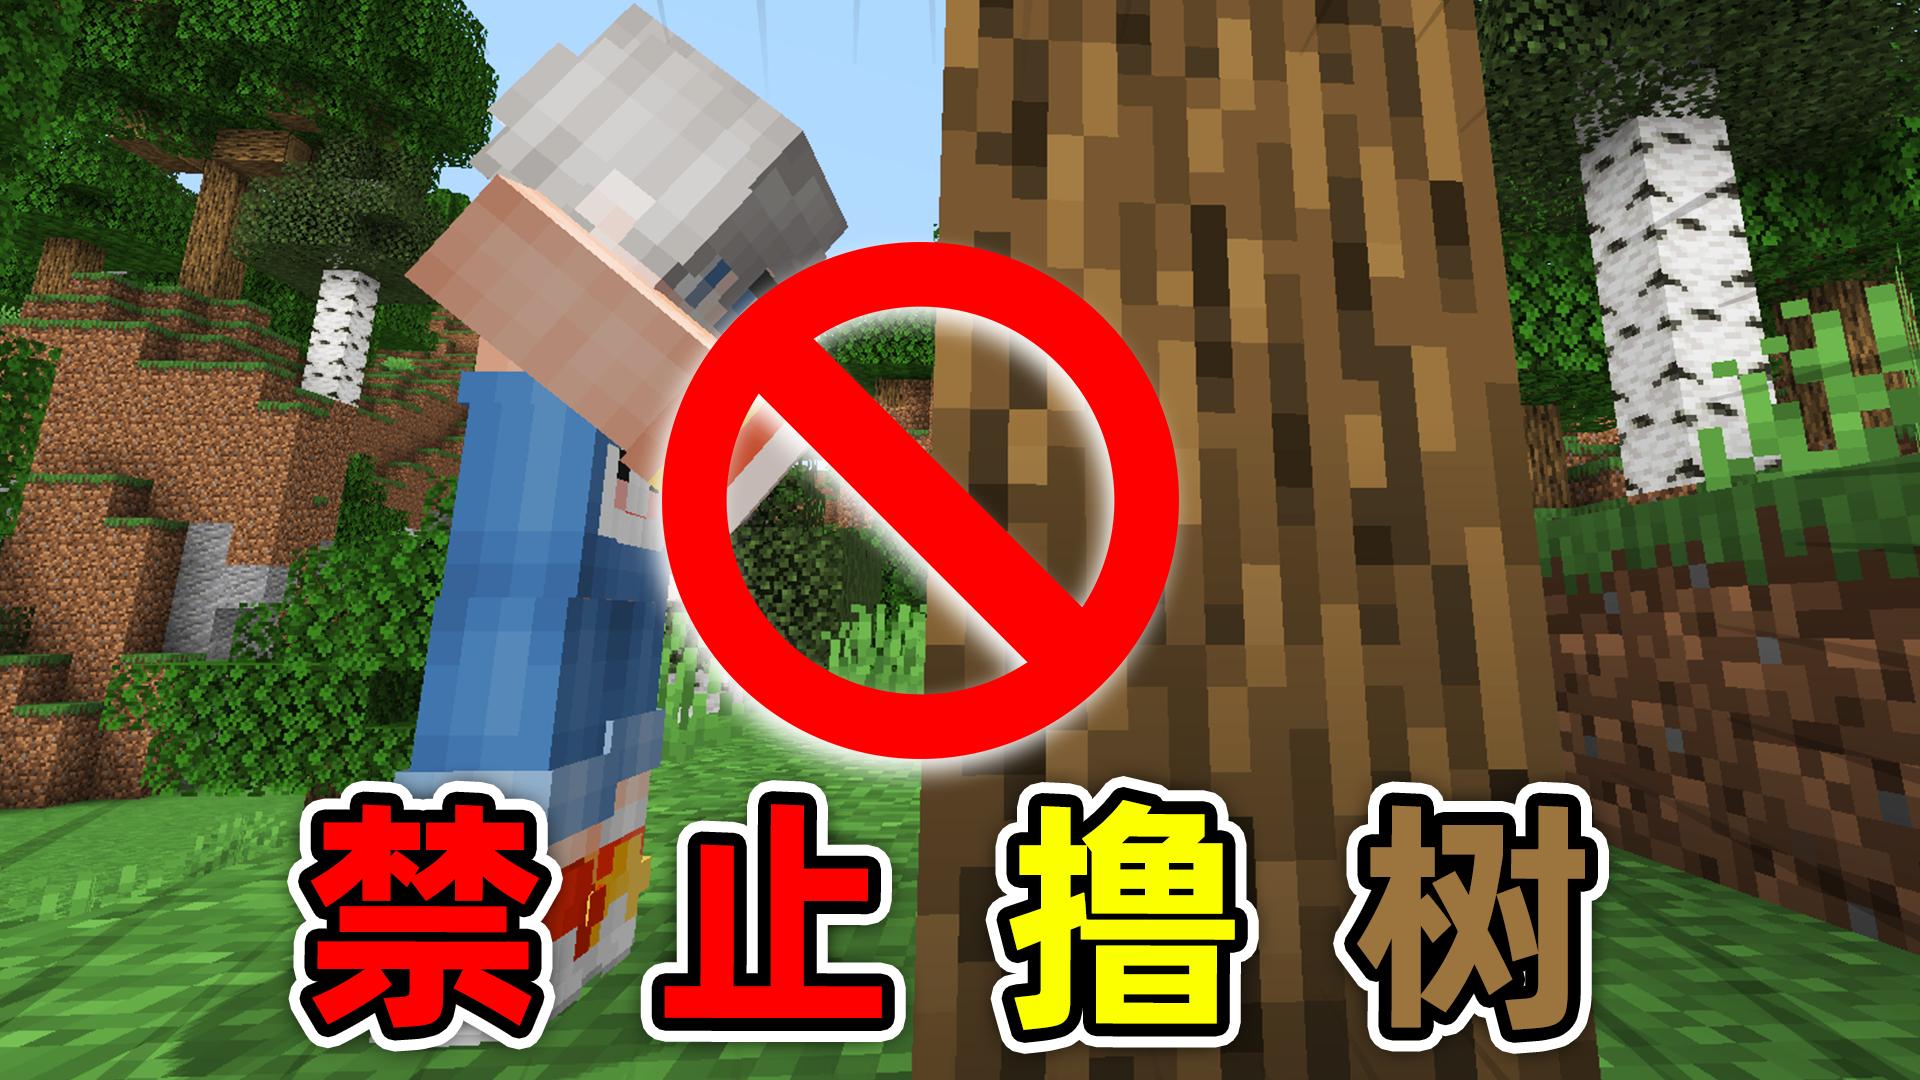 我的世界:空手撸不了树?还原现实生活的超真实玩法,困难开局!